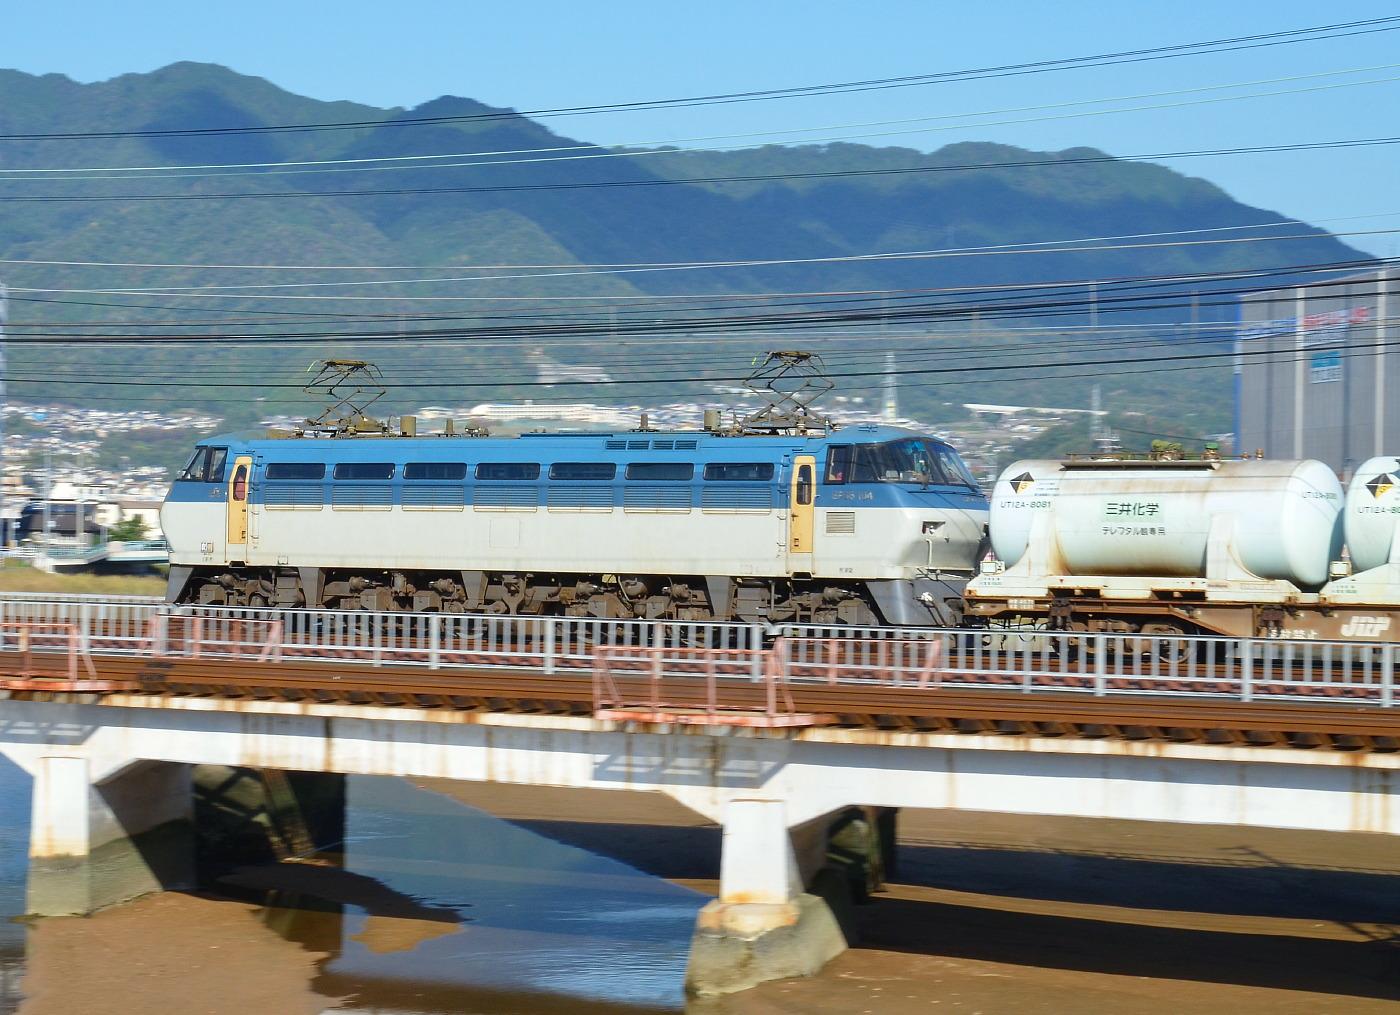 いつもの八幡川・・・'12年10月19日_a0251146_2029183.jpg